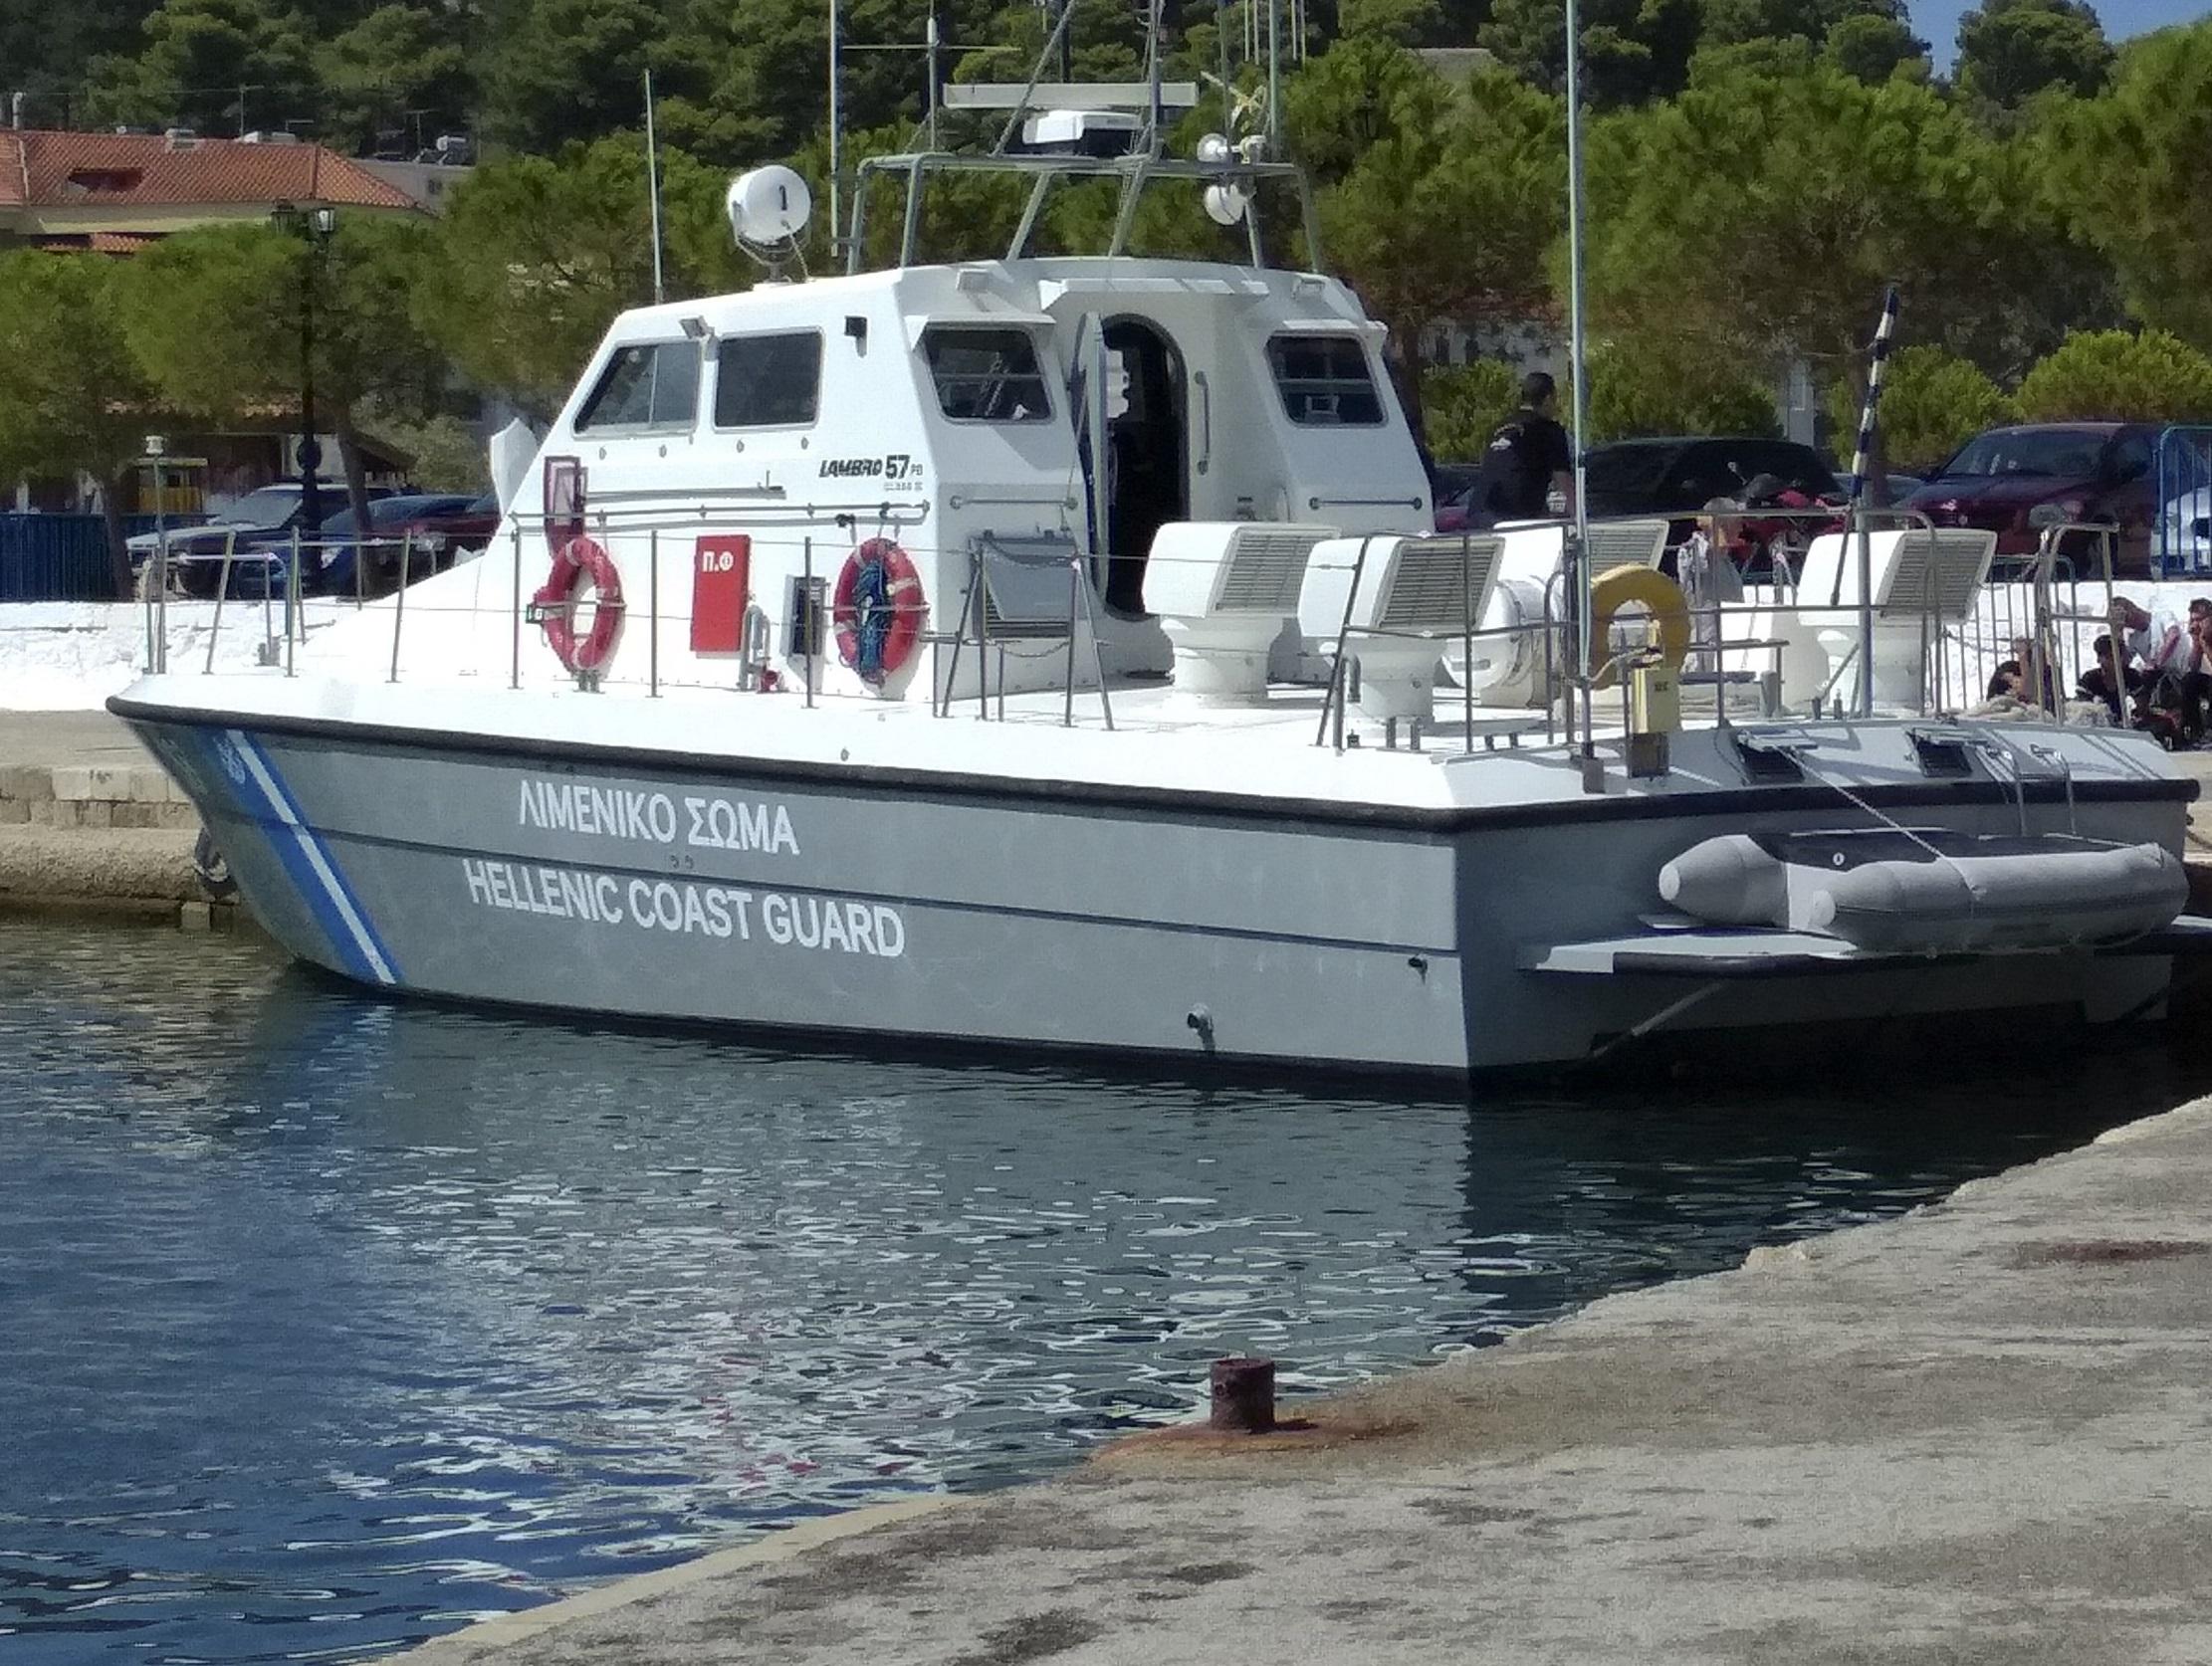 Σκόπελος: Μεγάλη επιχείρηση του Λιμενικού για τον εντοπισμό ναρκωτικών